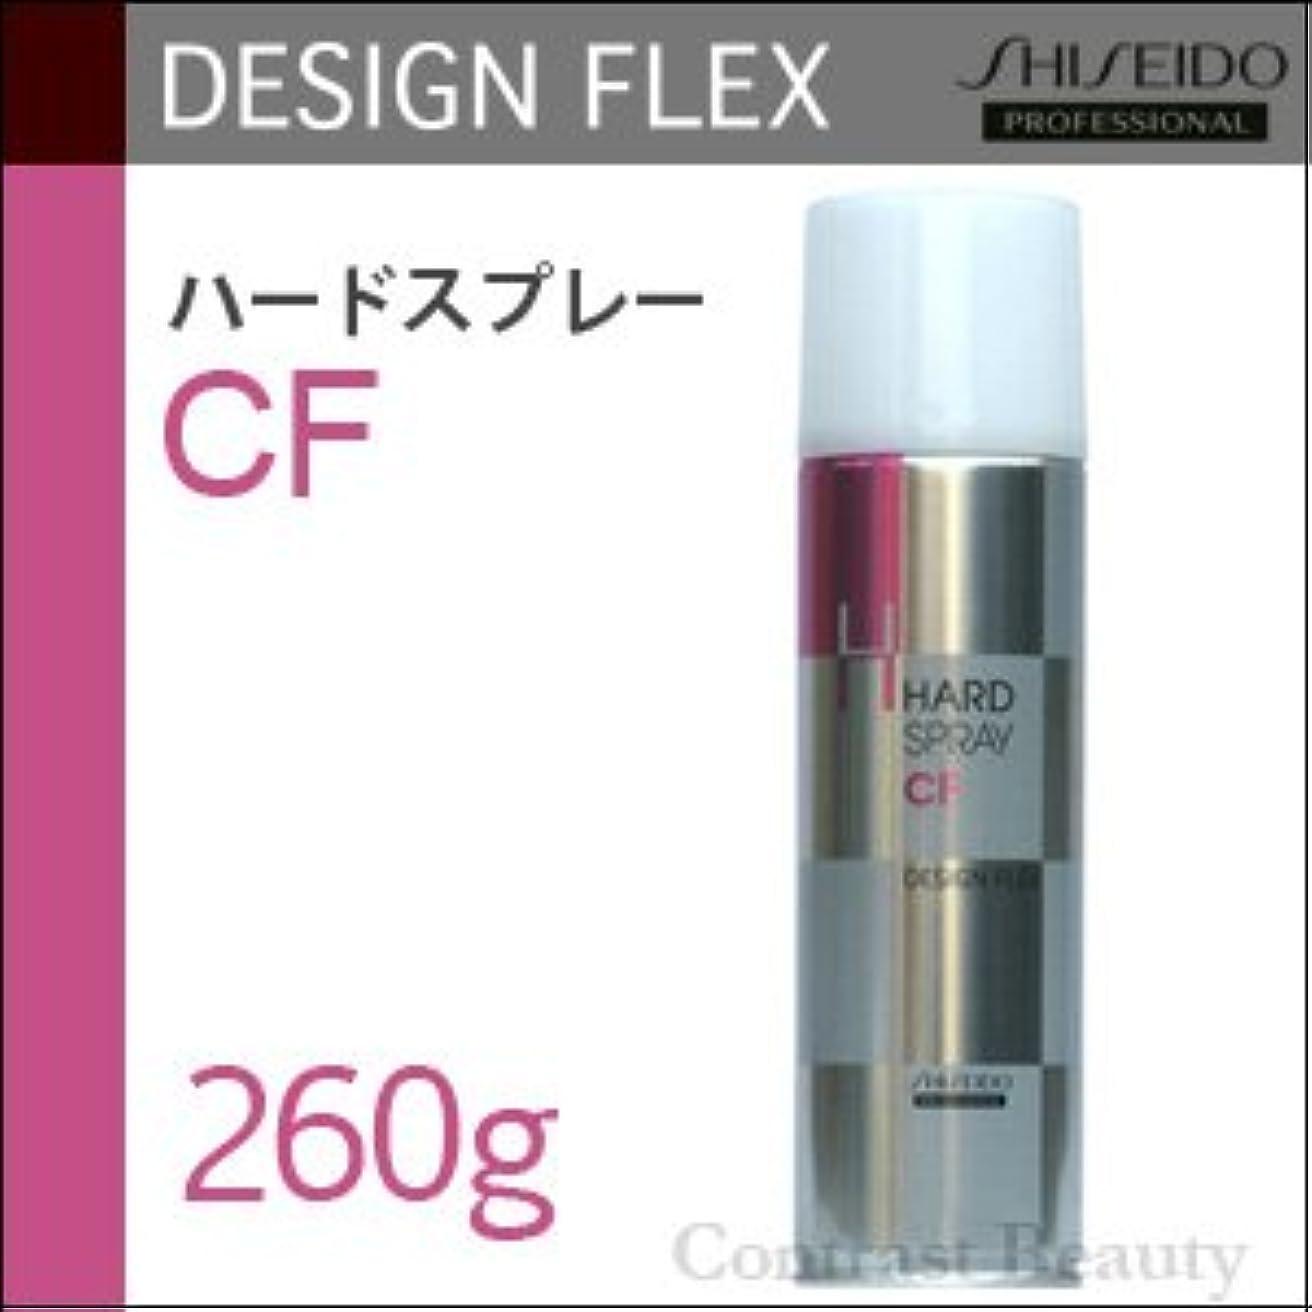 空抵抗力があるゴネリル【x5個セット】 資生堂 デザインフレックス ハードスプレーCF 260g